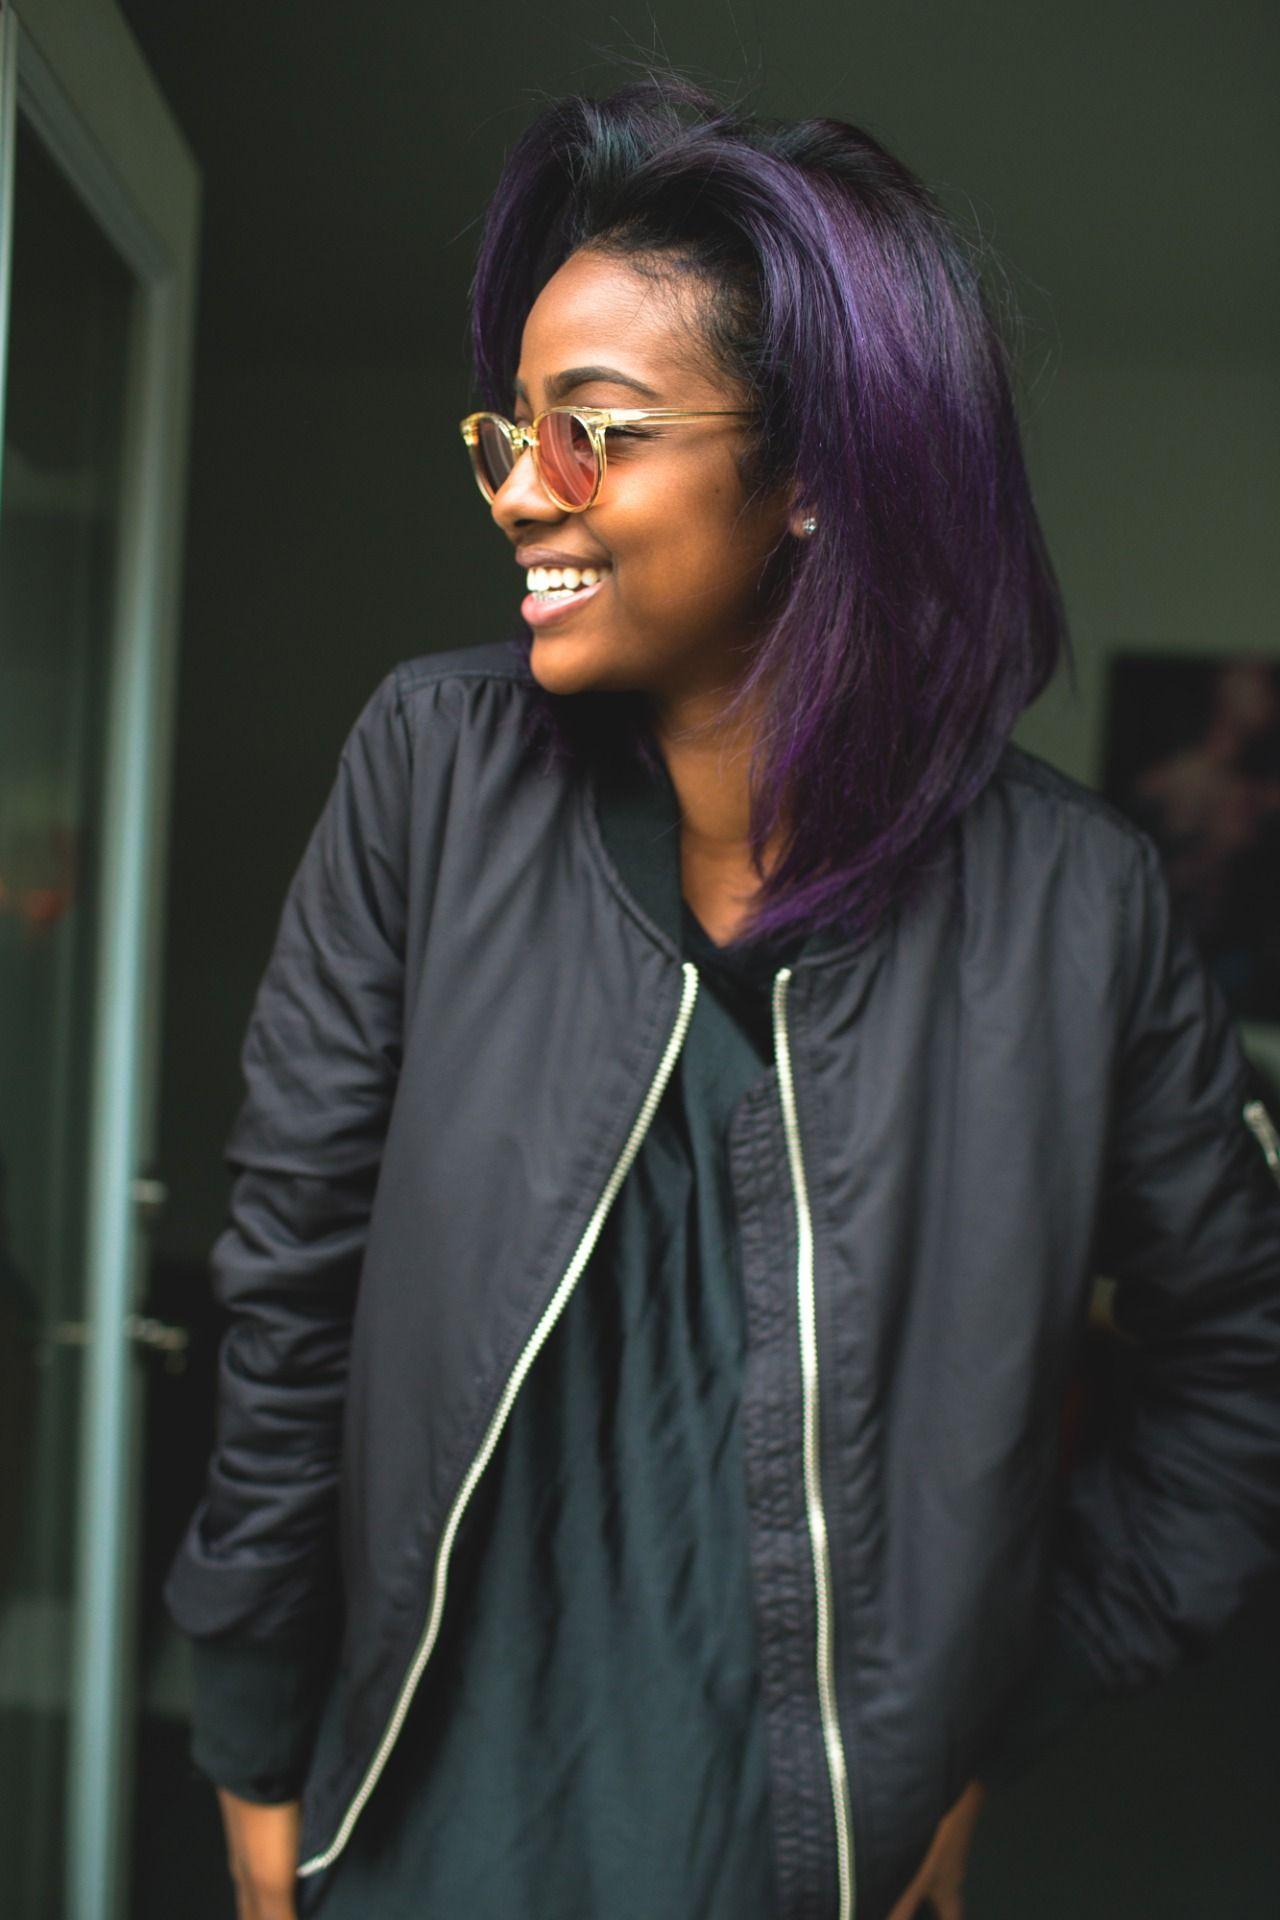 Blaquerain Loca Love She S So Beautiful Purple Hair Black Girl Hair Styles Hair Color Purple